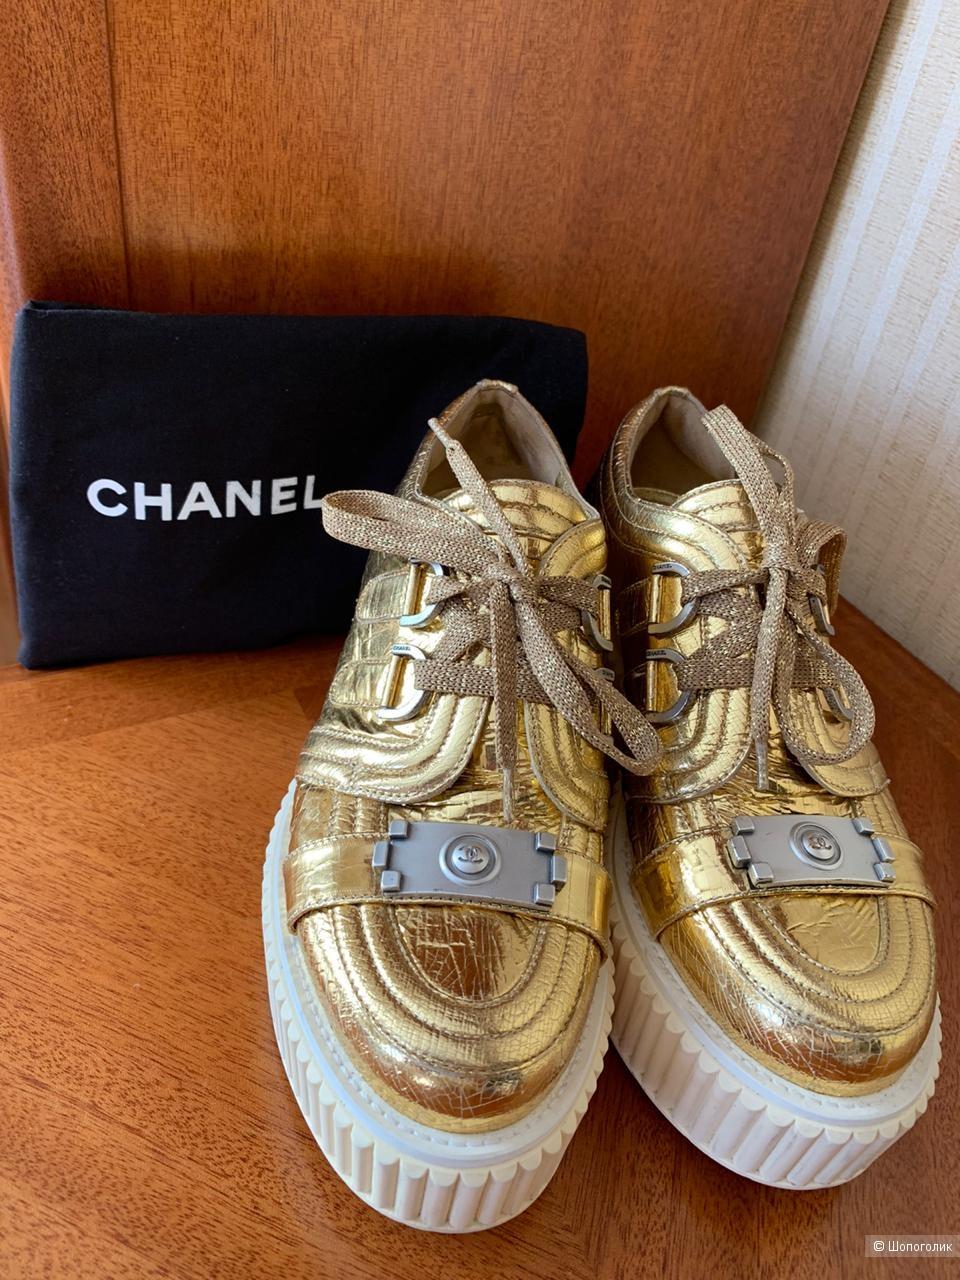 Сникерсы CHANEL Chanel Boy Creepers Resort, размер 38